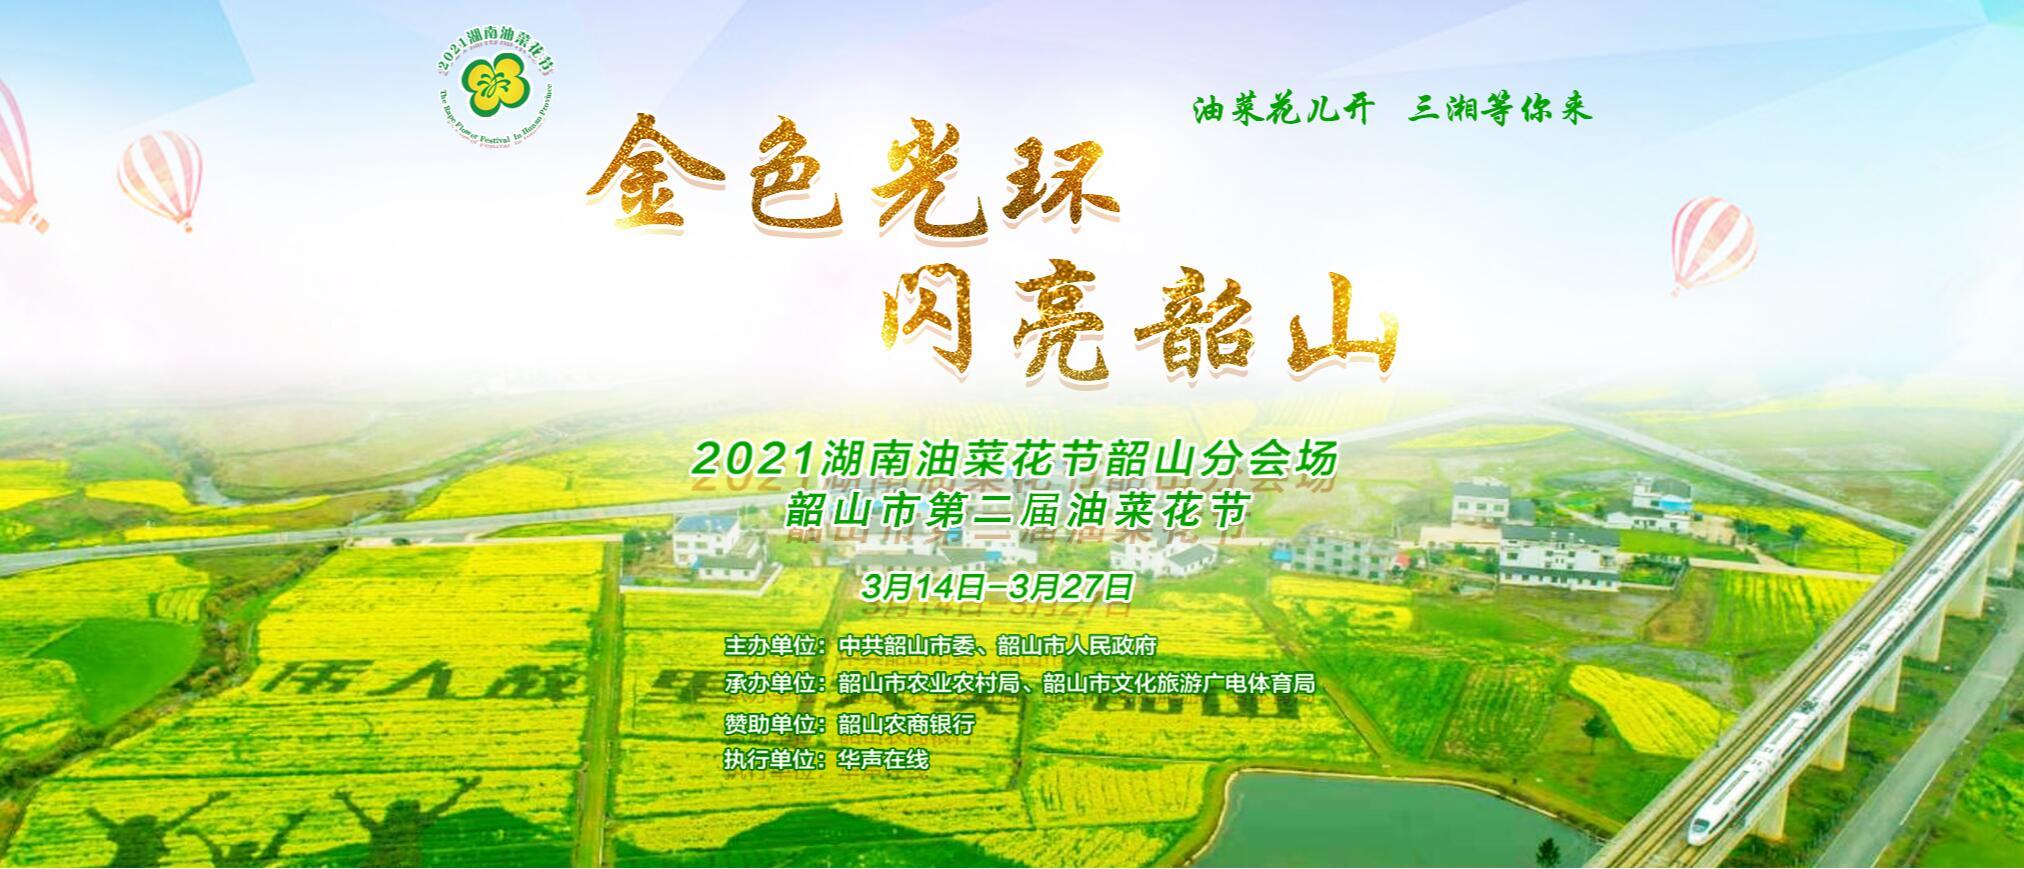 直播回顾>>2021湖南油菜花节韶山分会场韶山市第二届油菜花节开幕式